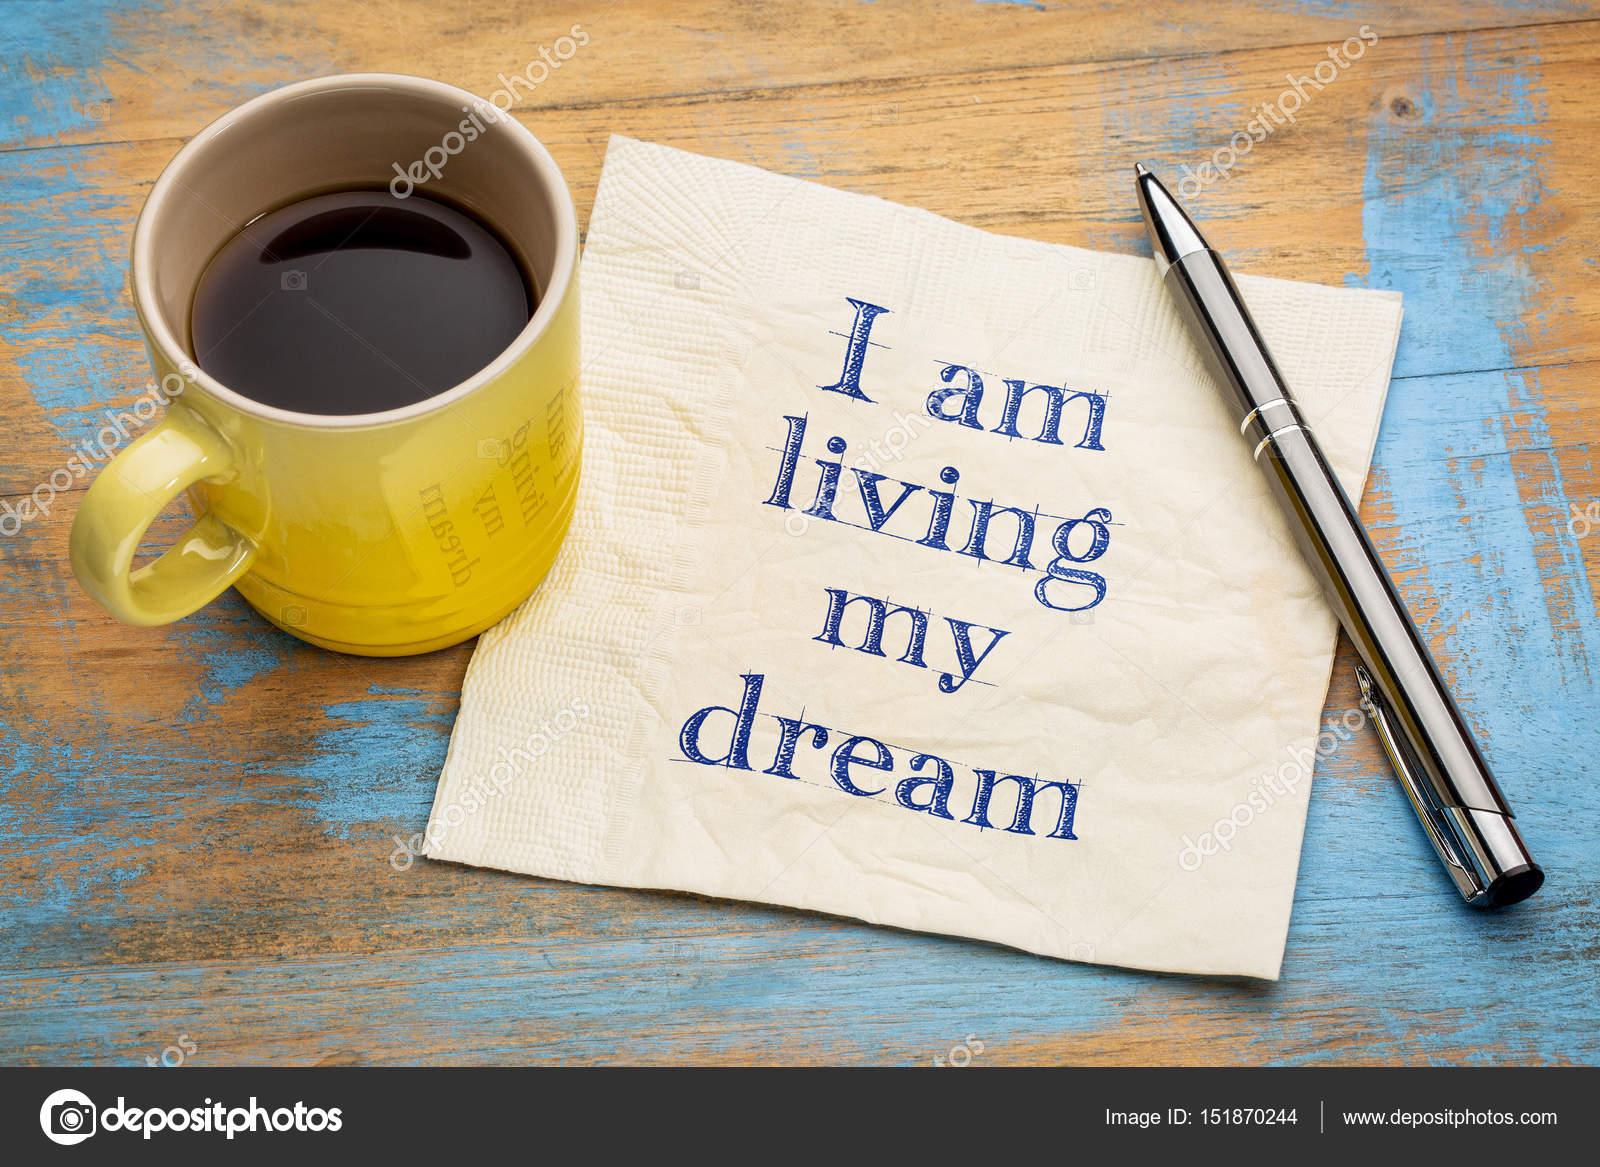 530602f595 Estoy viviendo mi sueño - afirmación positiva — Fotos de Stock ...